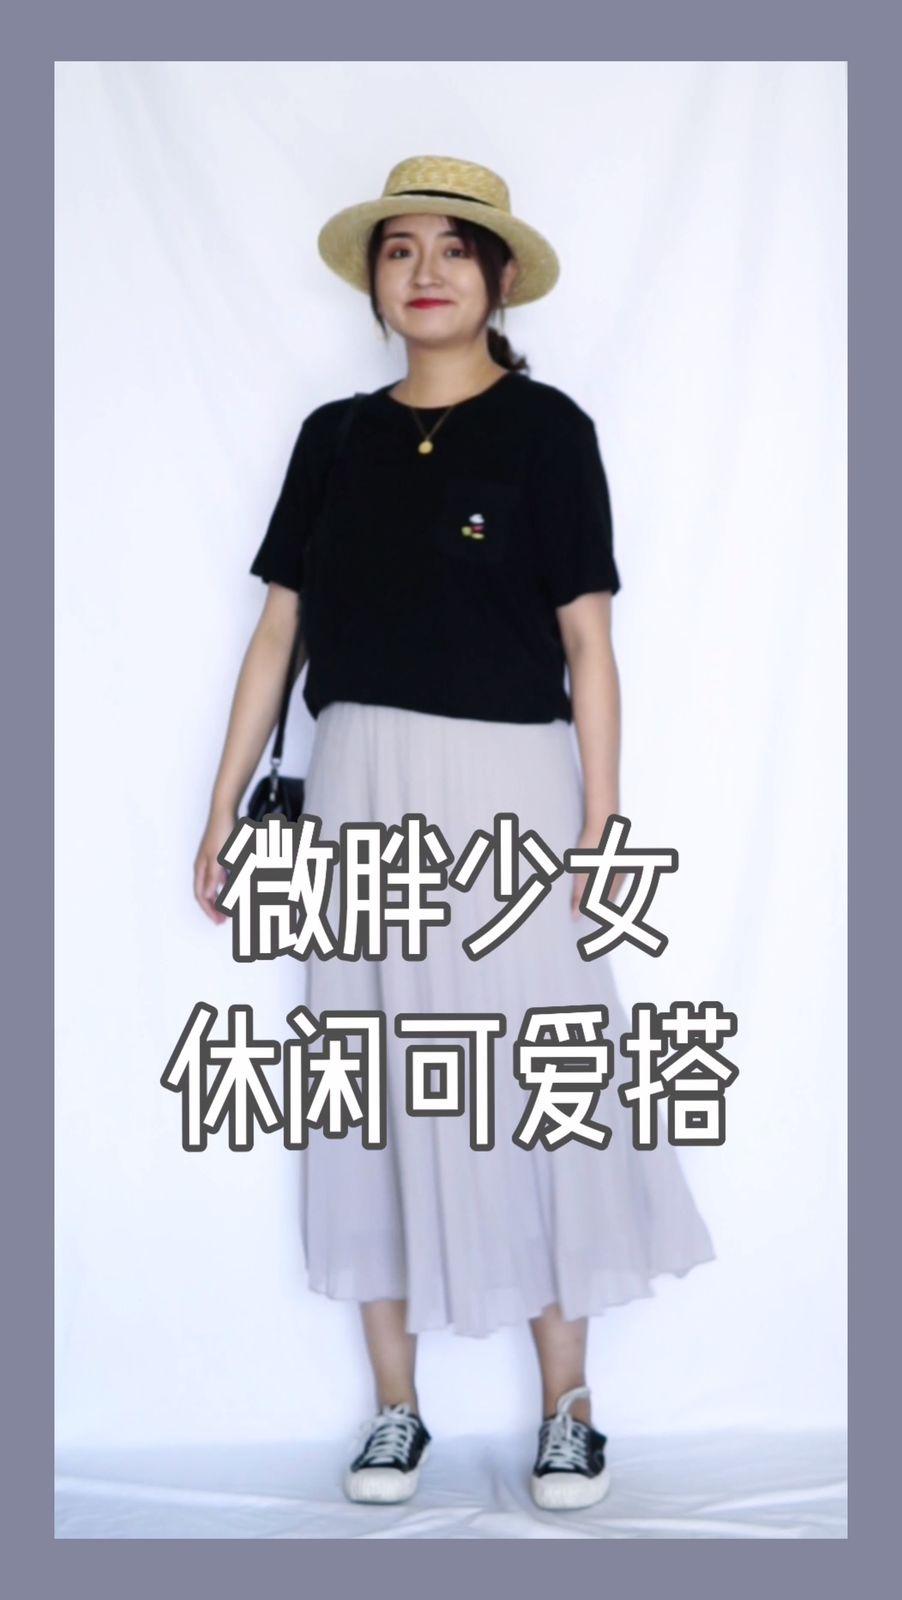 #成功减龄,做有故事的女同学# 日系休闲风 男朋友的米奇T也超好穿哦 黑色宽松款超显瘦  口袋上的米奇超可爱 下身搭配灰紫色纱裙增添一些温柔感 这套超减龄!